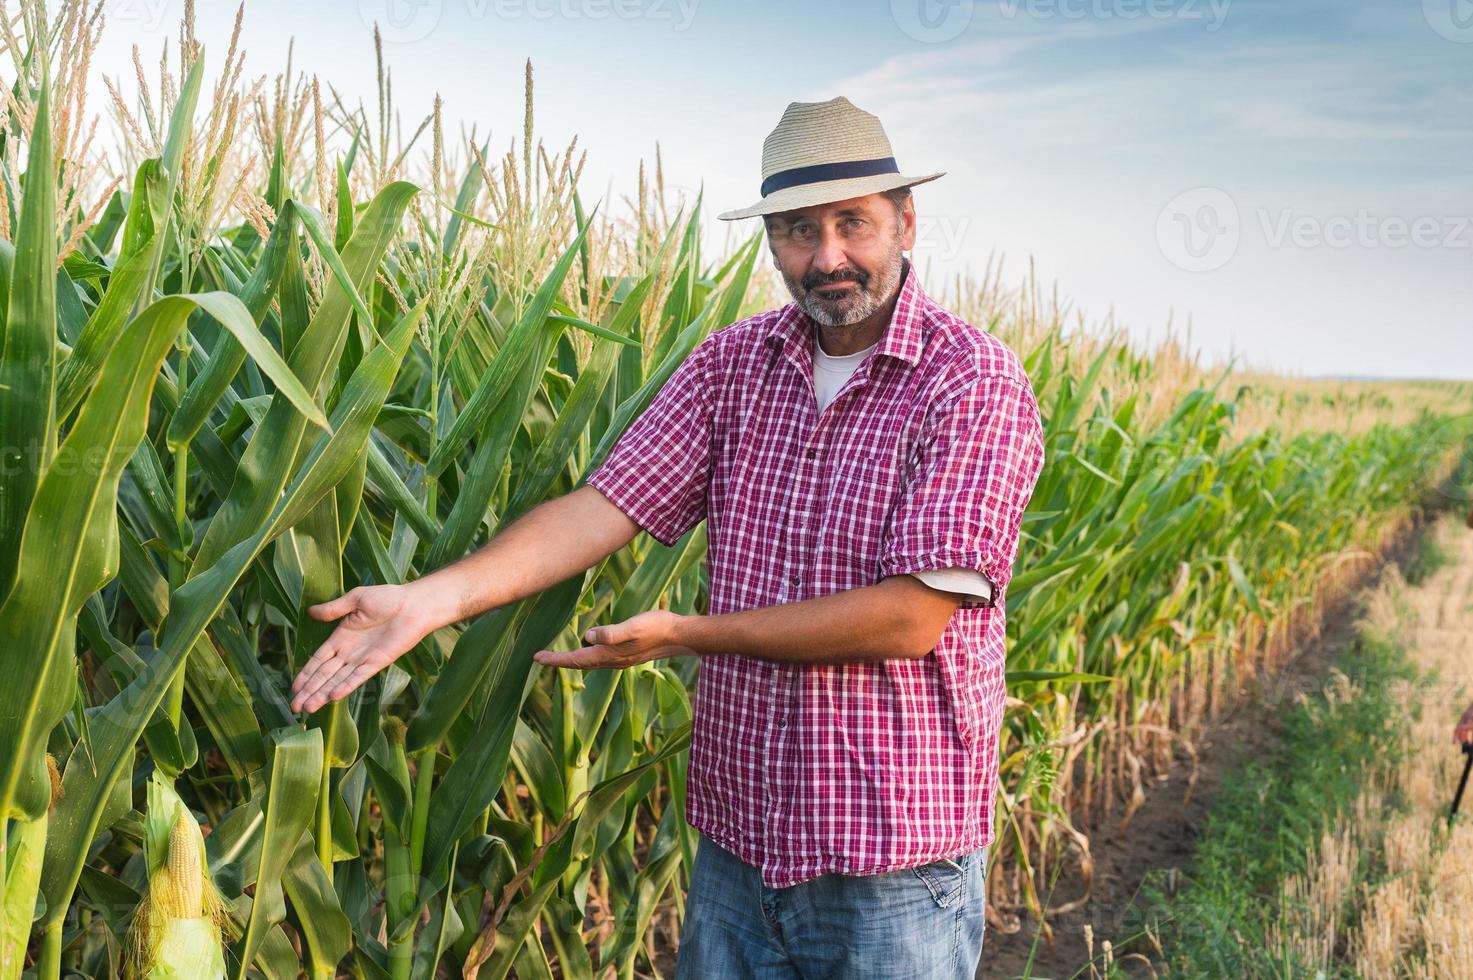 agriculteur photo